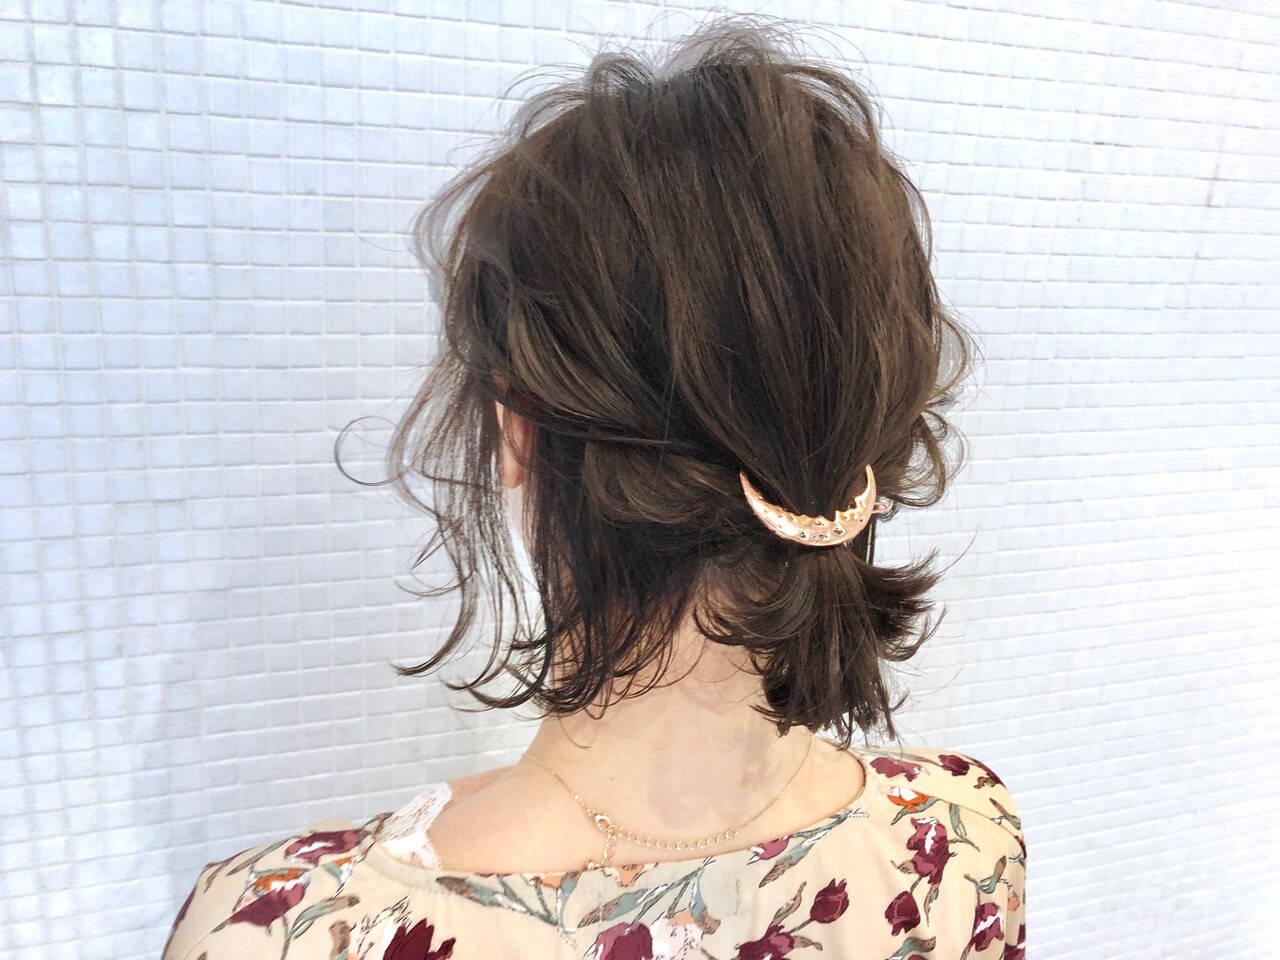 ナチュラル ボブ ヘアアクセサリー ポニーテールヘアスタイルや髪型の写真・画像